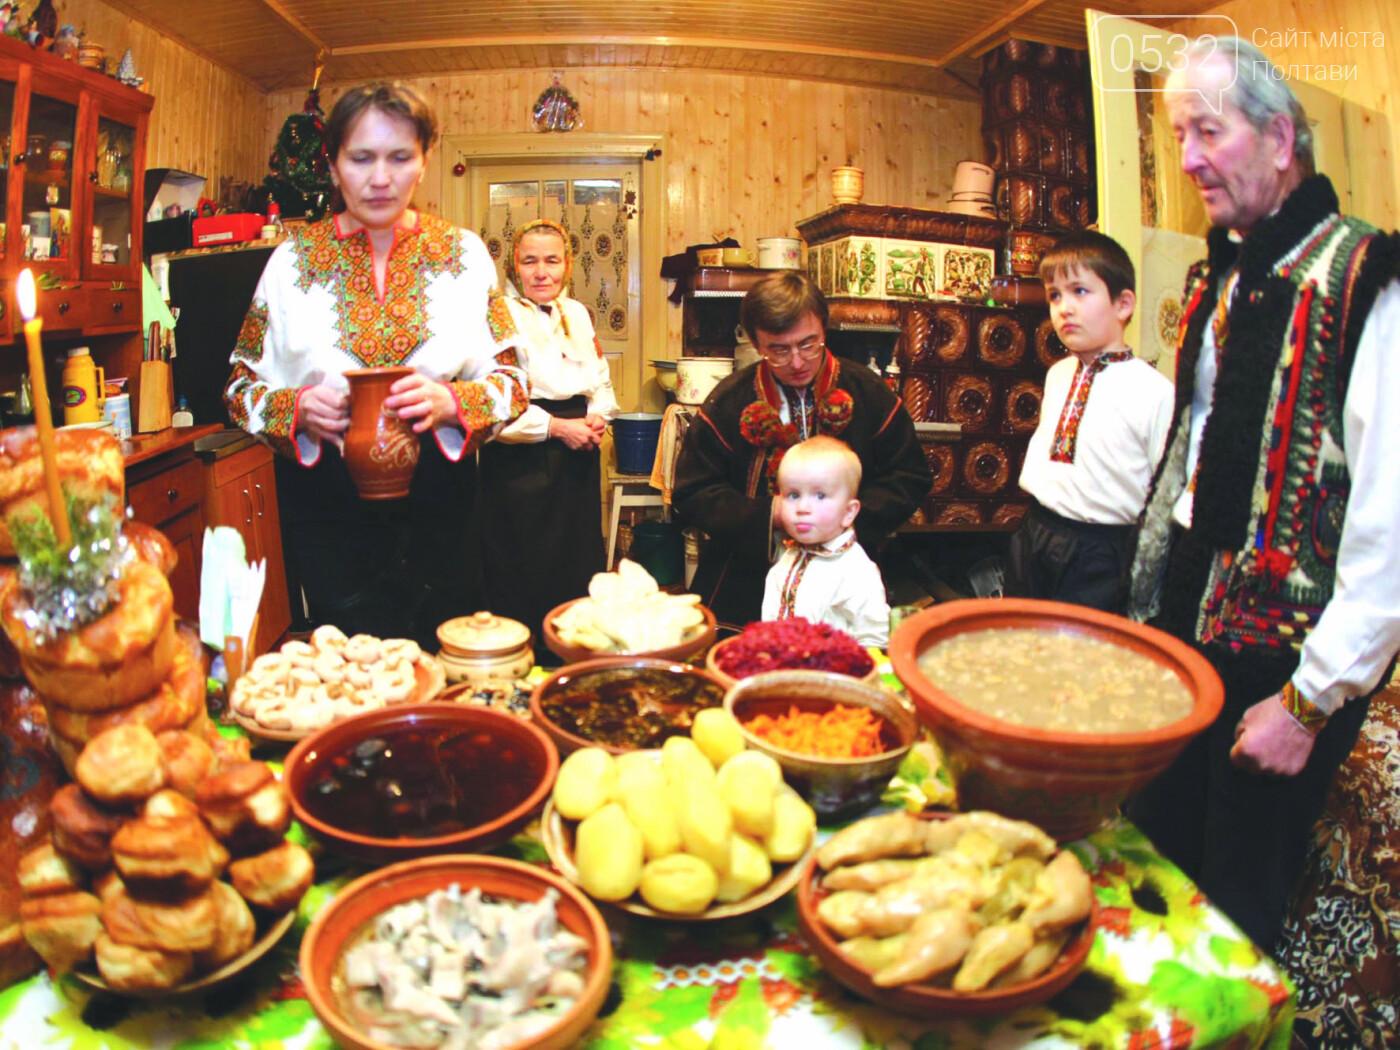 Сьогодні - Святий вечір. Як святкували його наші предки на Полтавщині?, фото-2